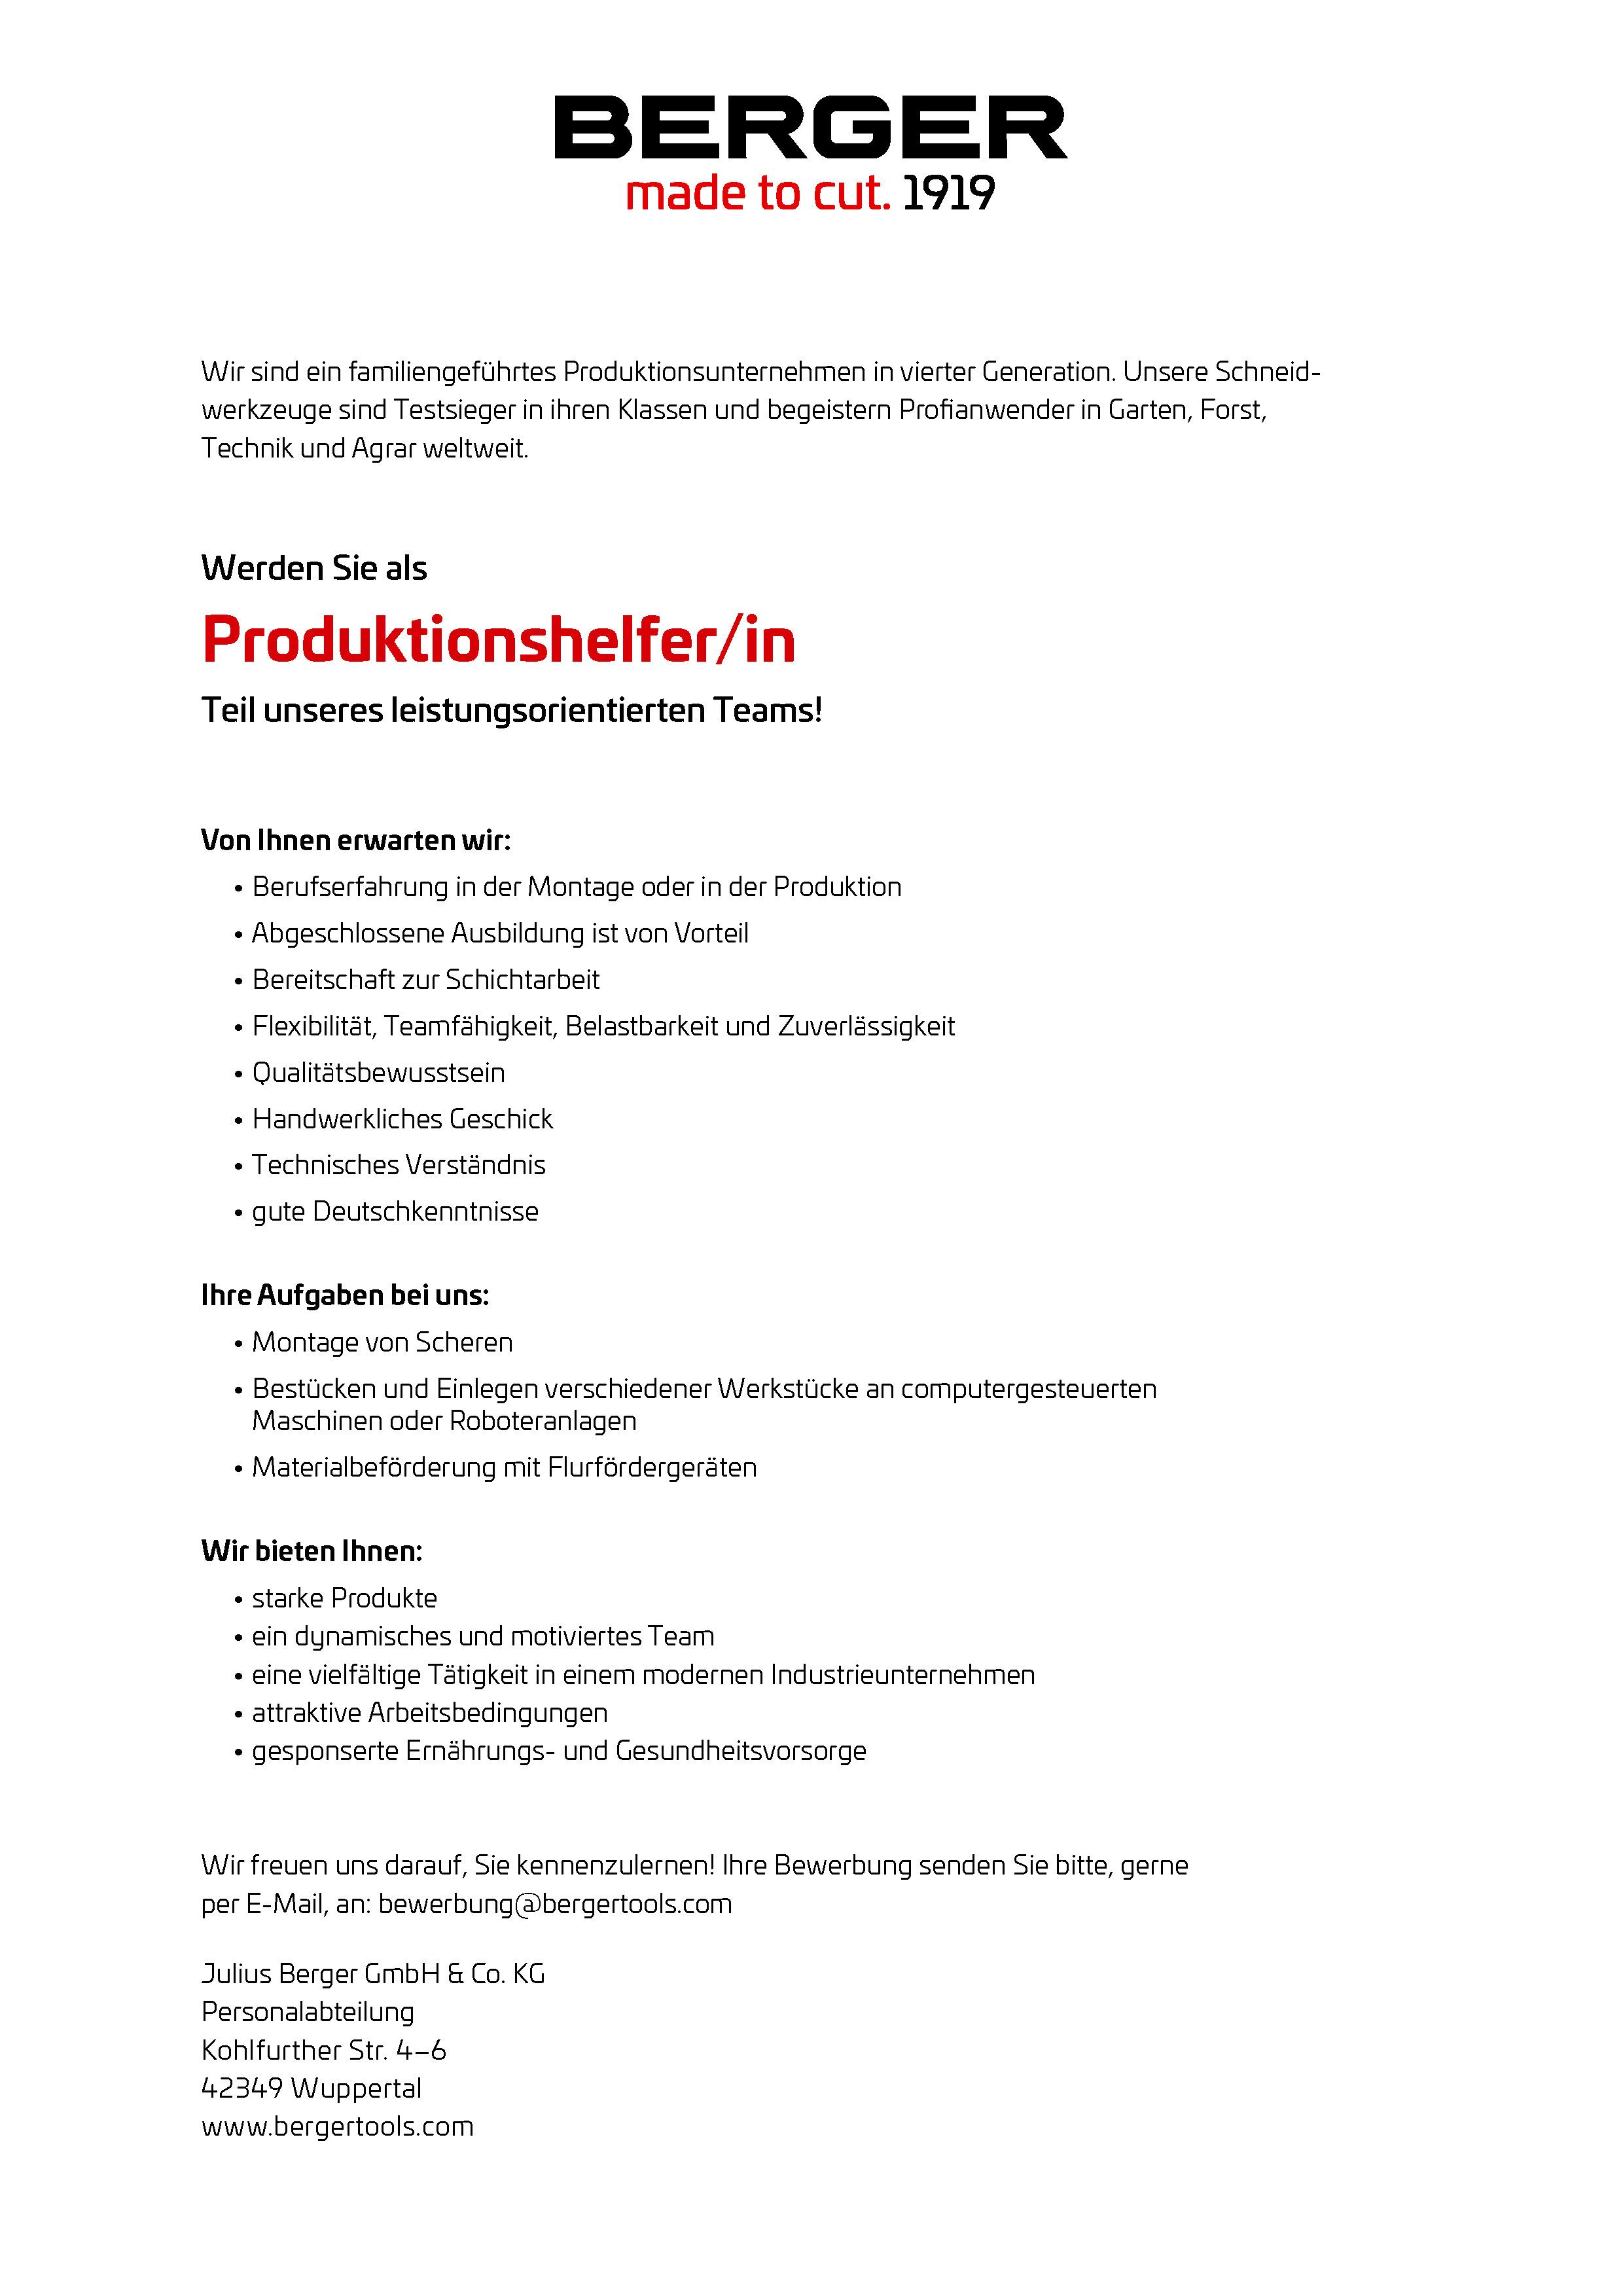 produktionshelfer - Teamfhigkeit Bewerbung